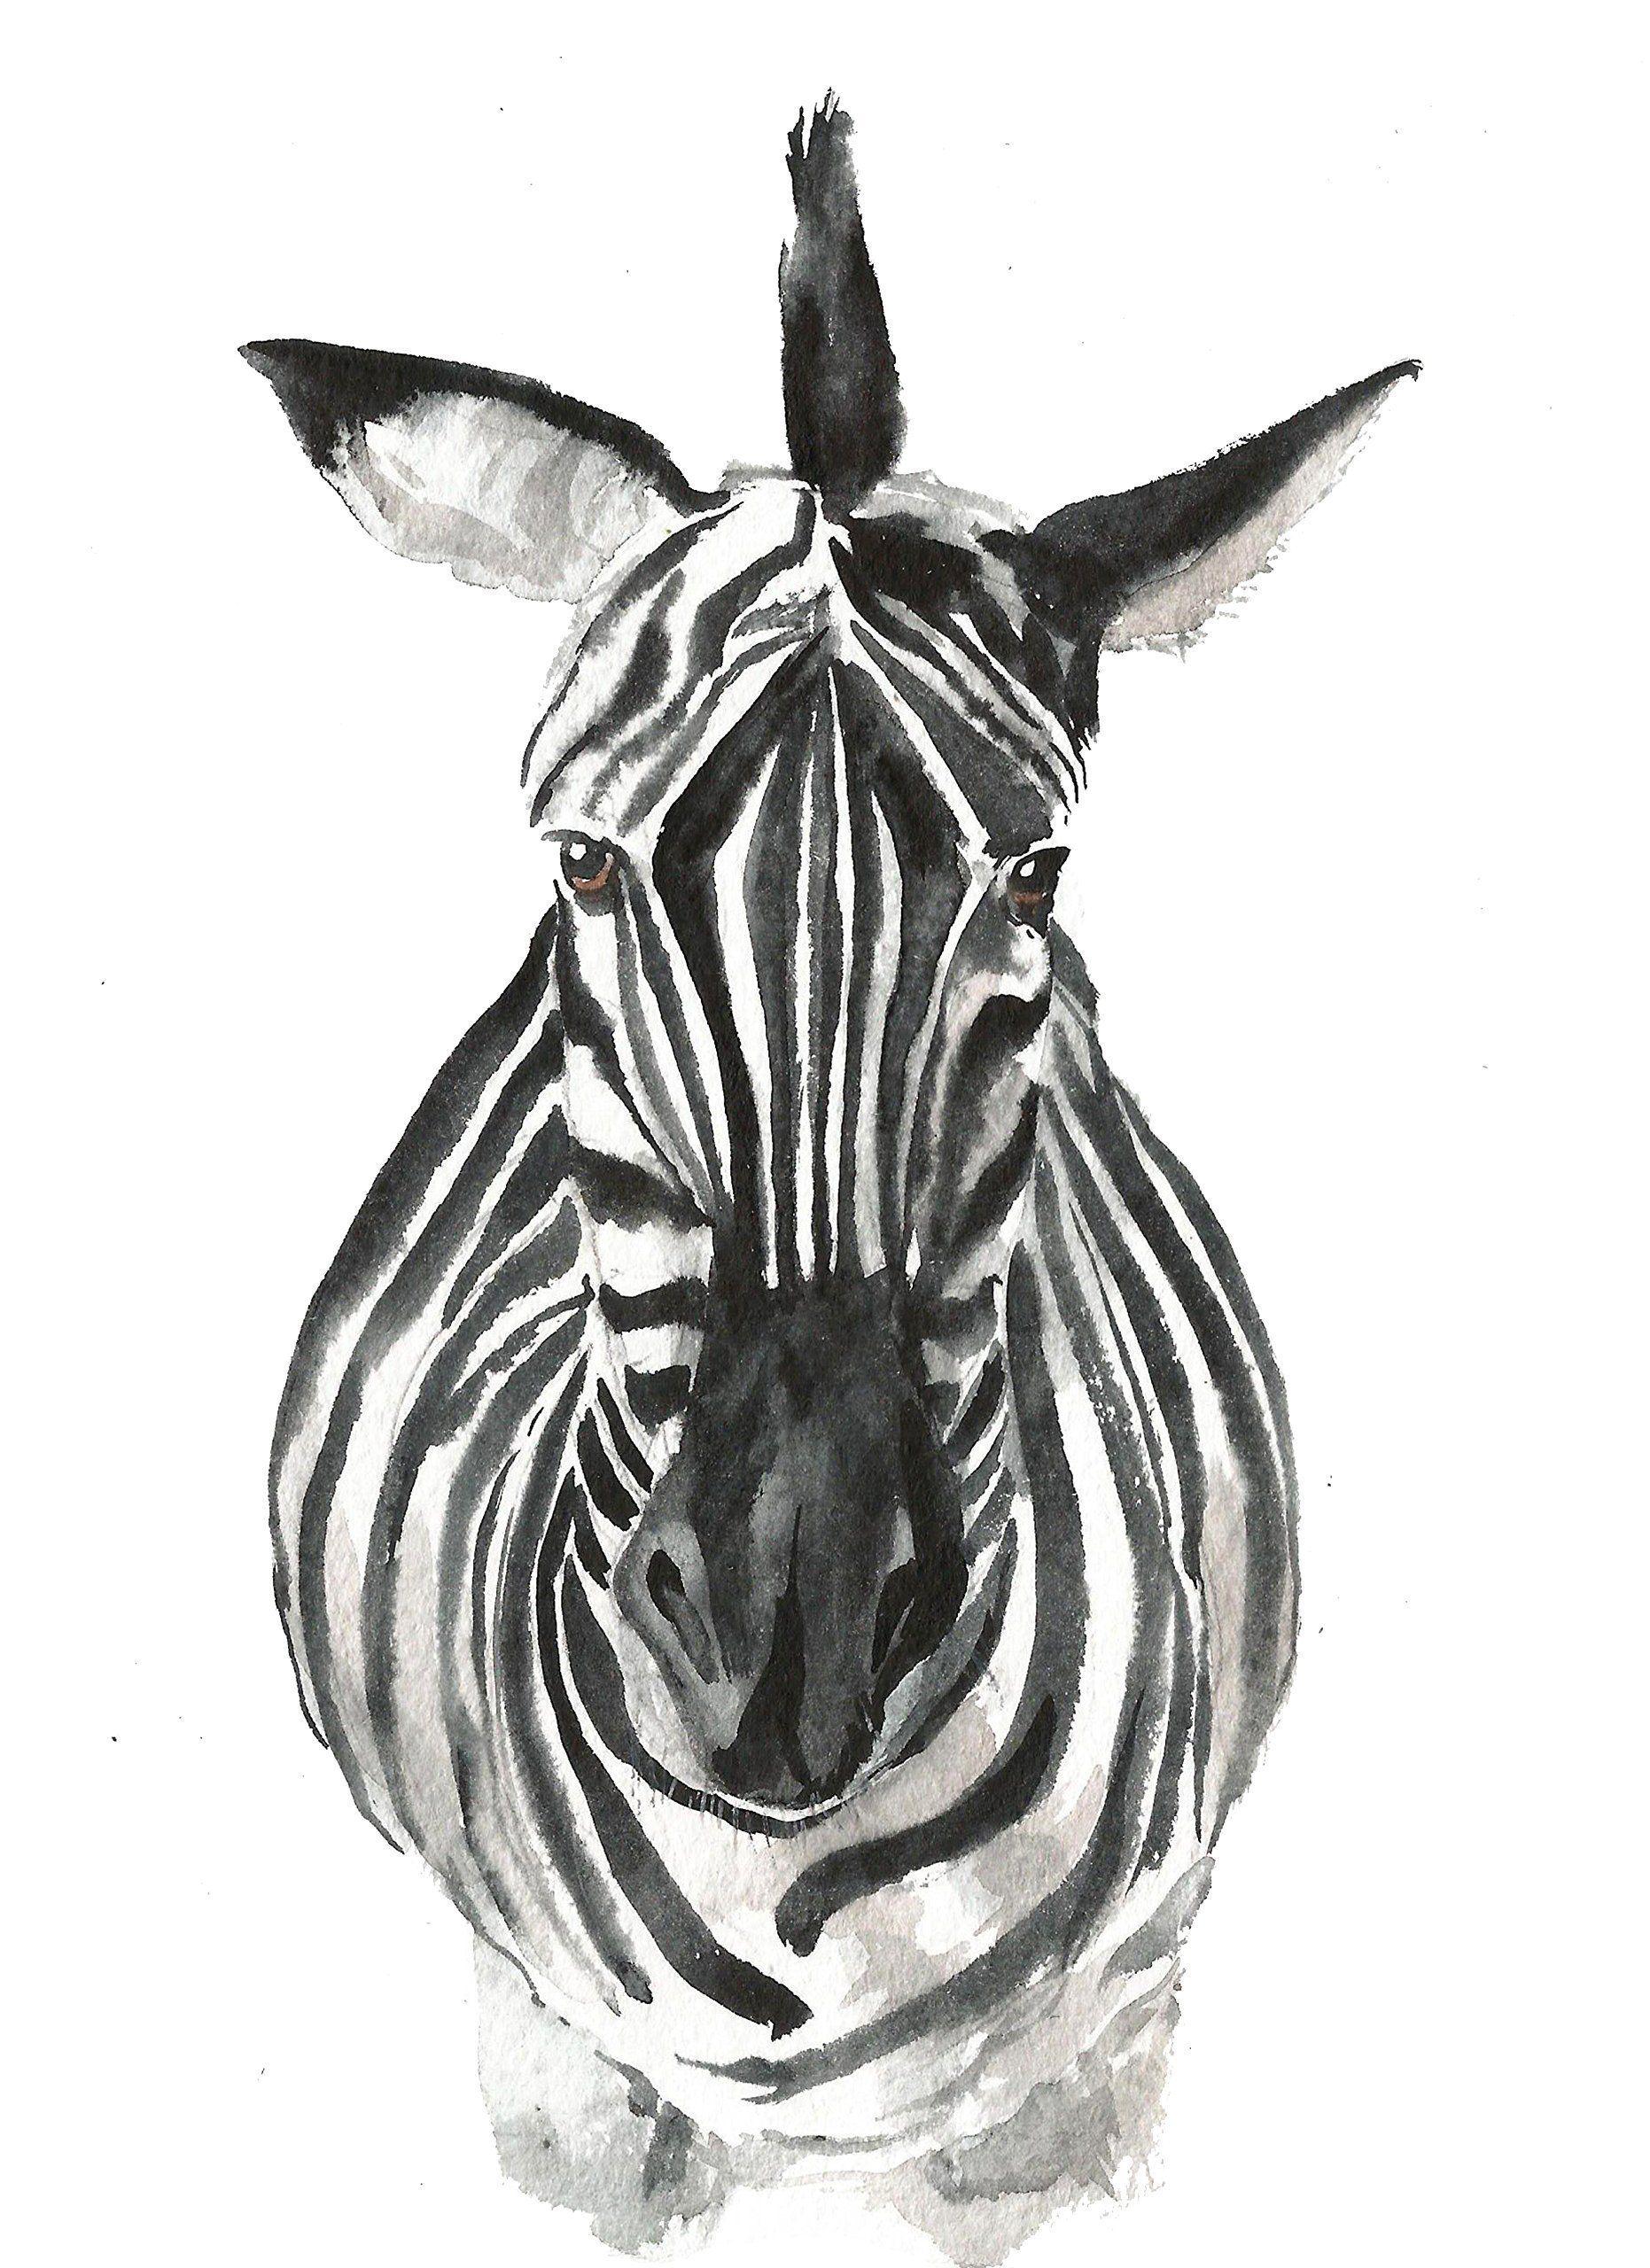 Zebra Wall Art zebra art #a020. zebra art print (8x10).zebra wall art.zebra